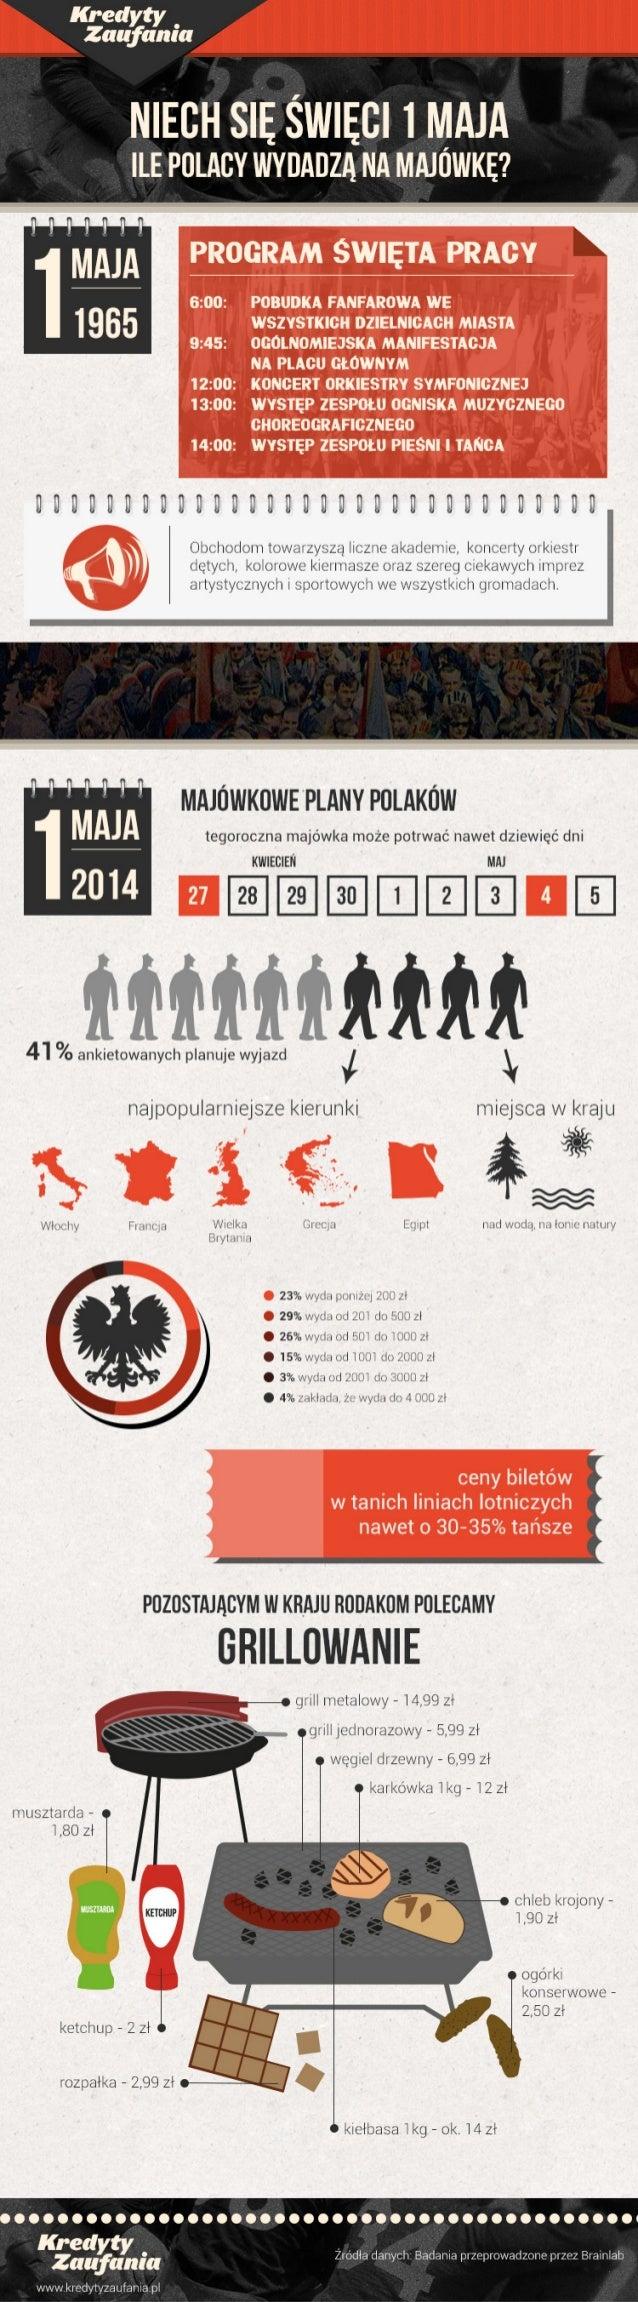 Niech Się święci 1 Maja! Czyli ile Polacy wydadzą na majówkę?